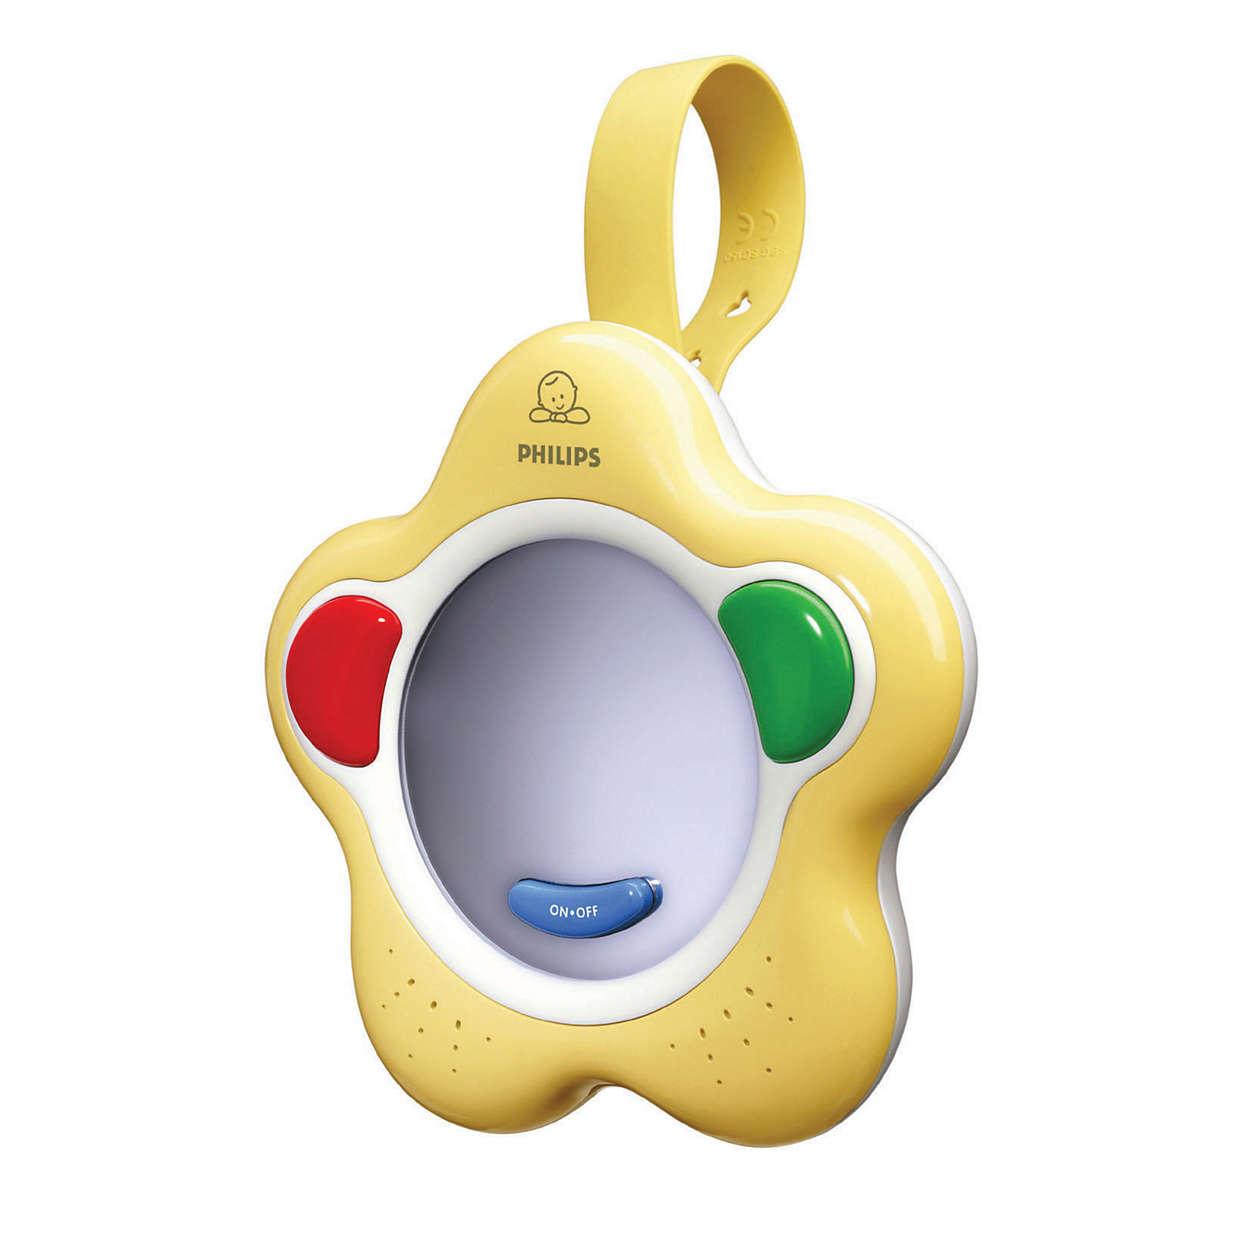 Stimuleert de eerste geluidjes en woordjes van je baby